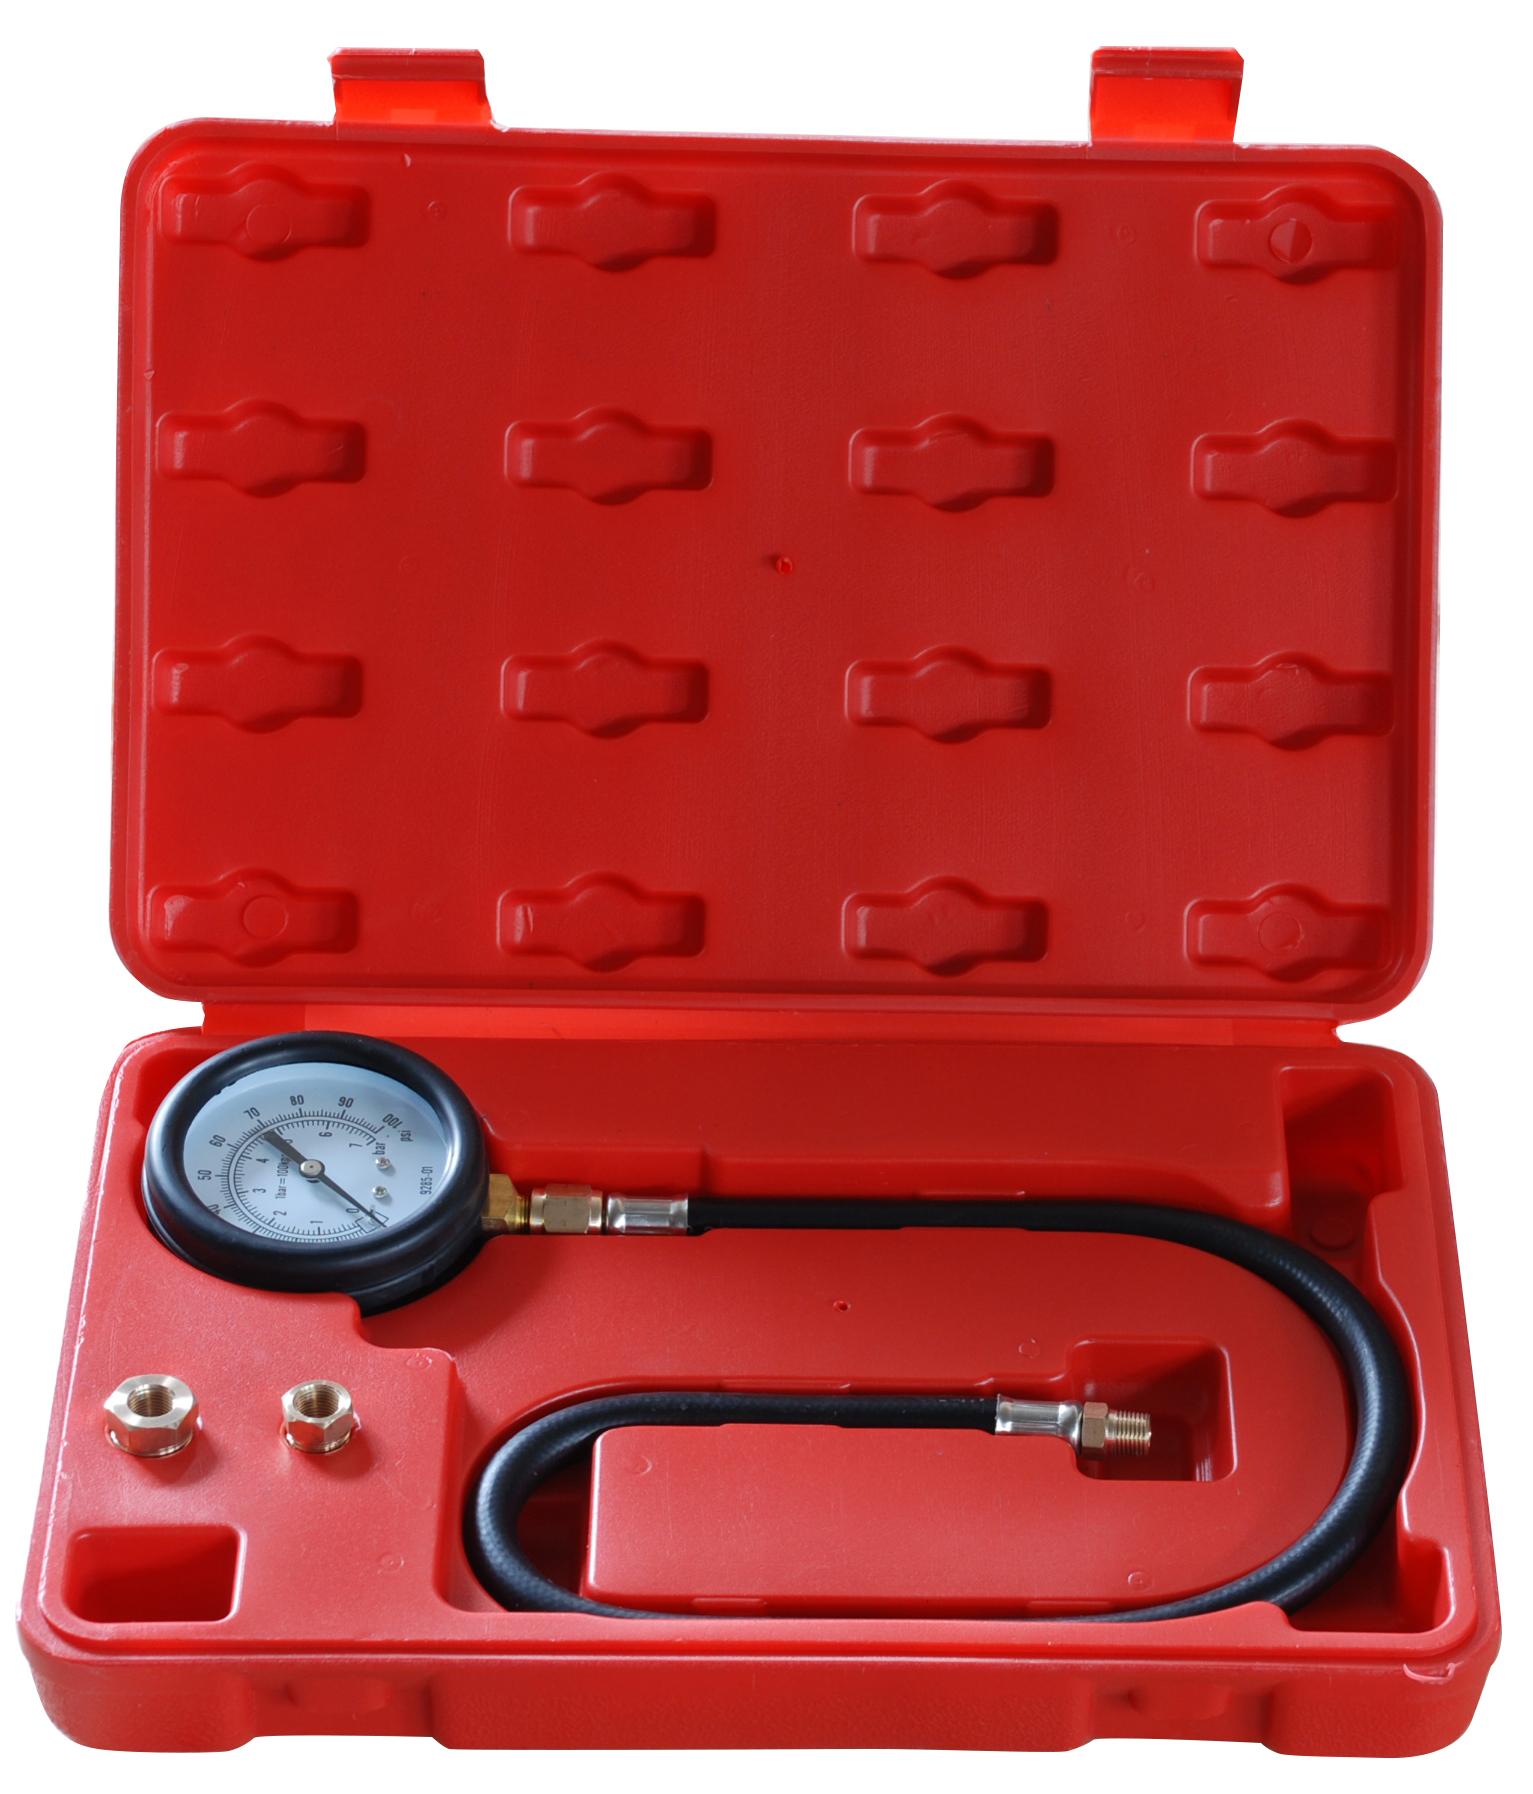 Прибор для измерения давления масла, 0-7Атм MHR-A1019B